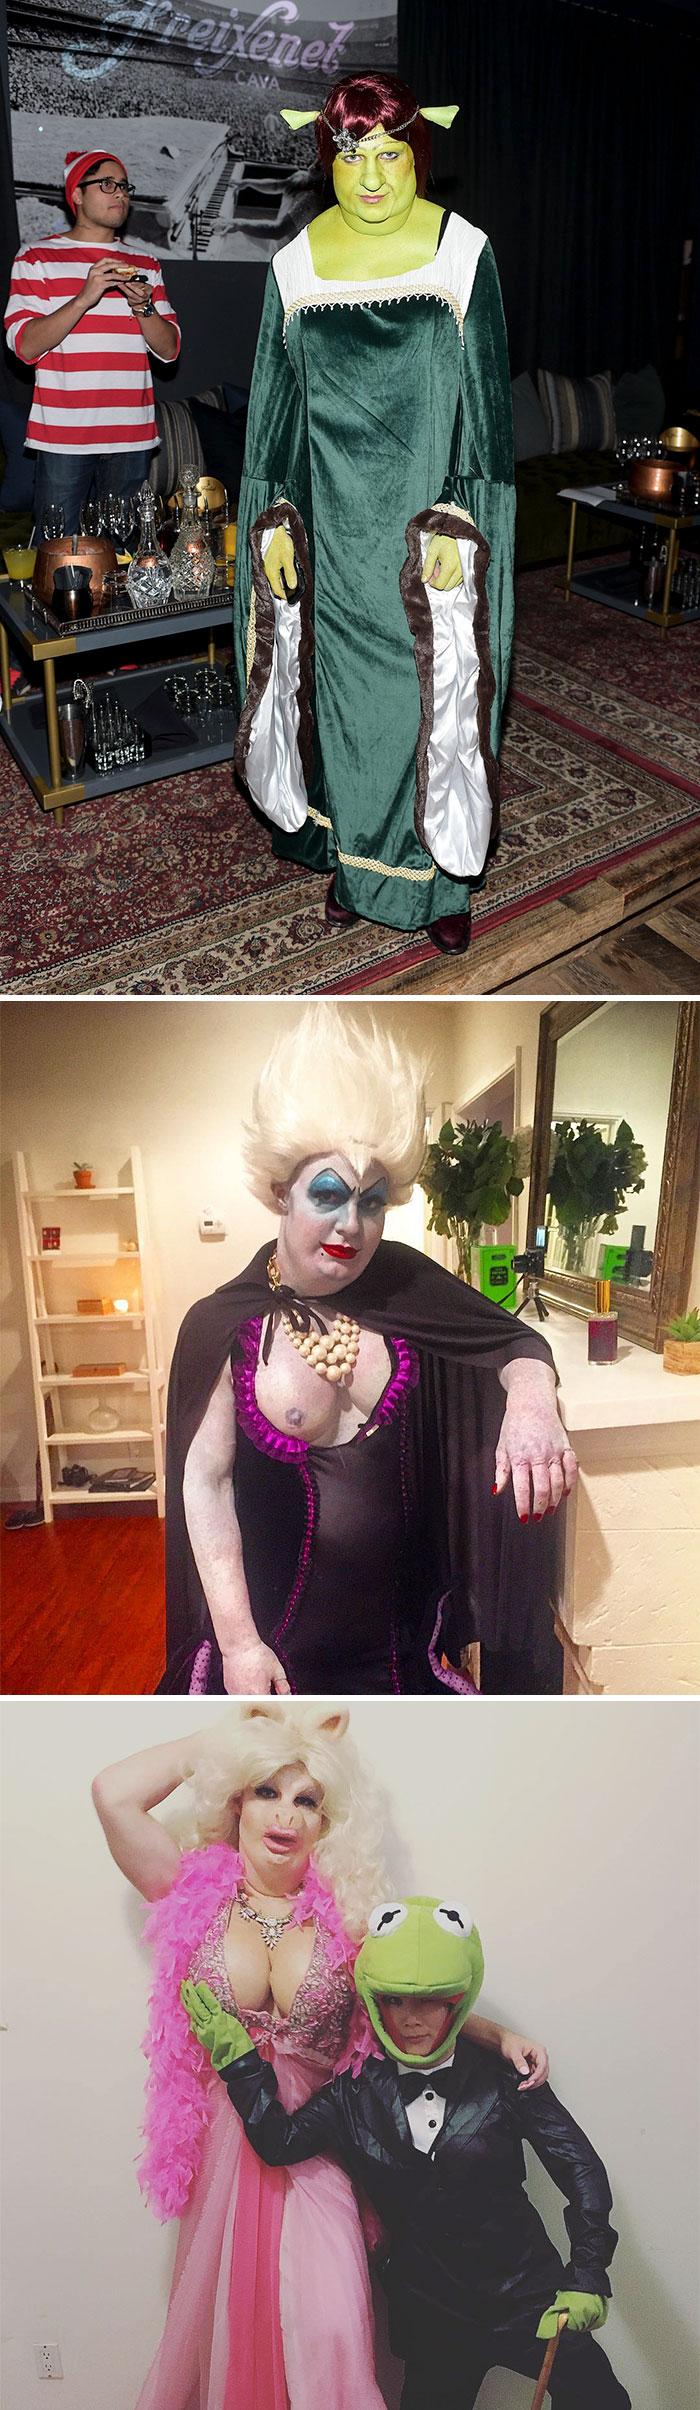 Colton Haynes As Princess Fiona, Ursula And Miss Piggy